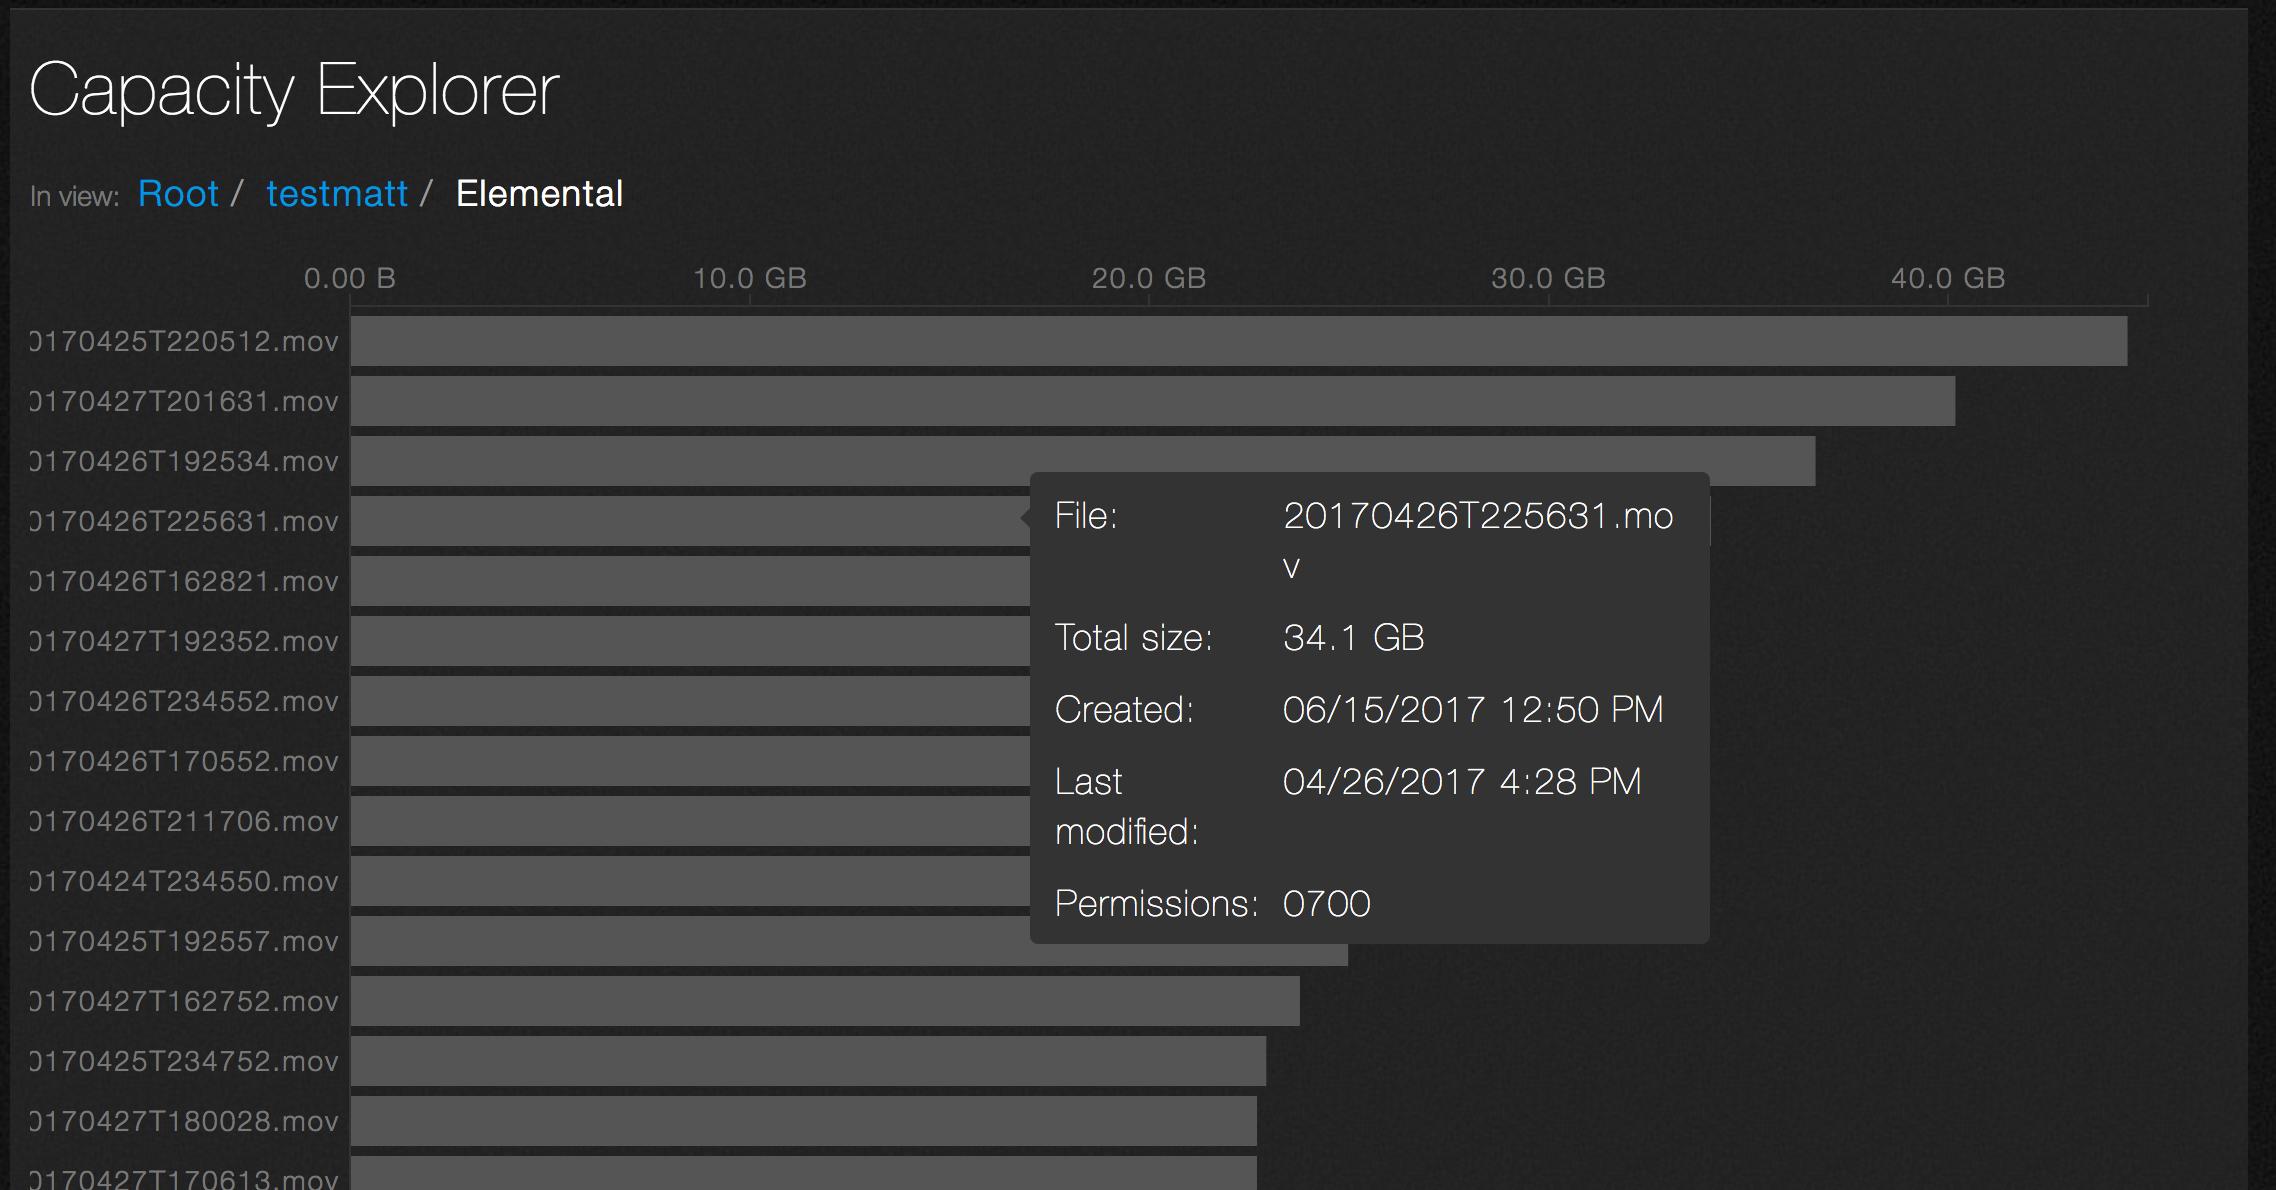 Capacity Explorer - File Detail